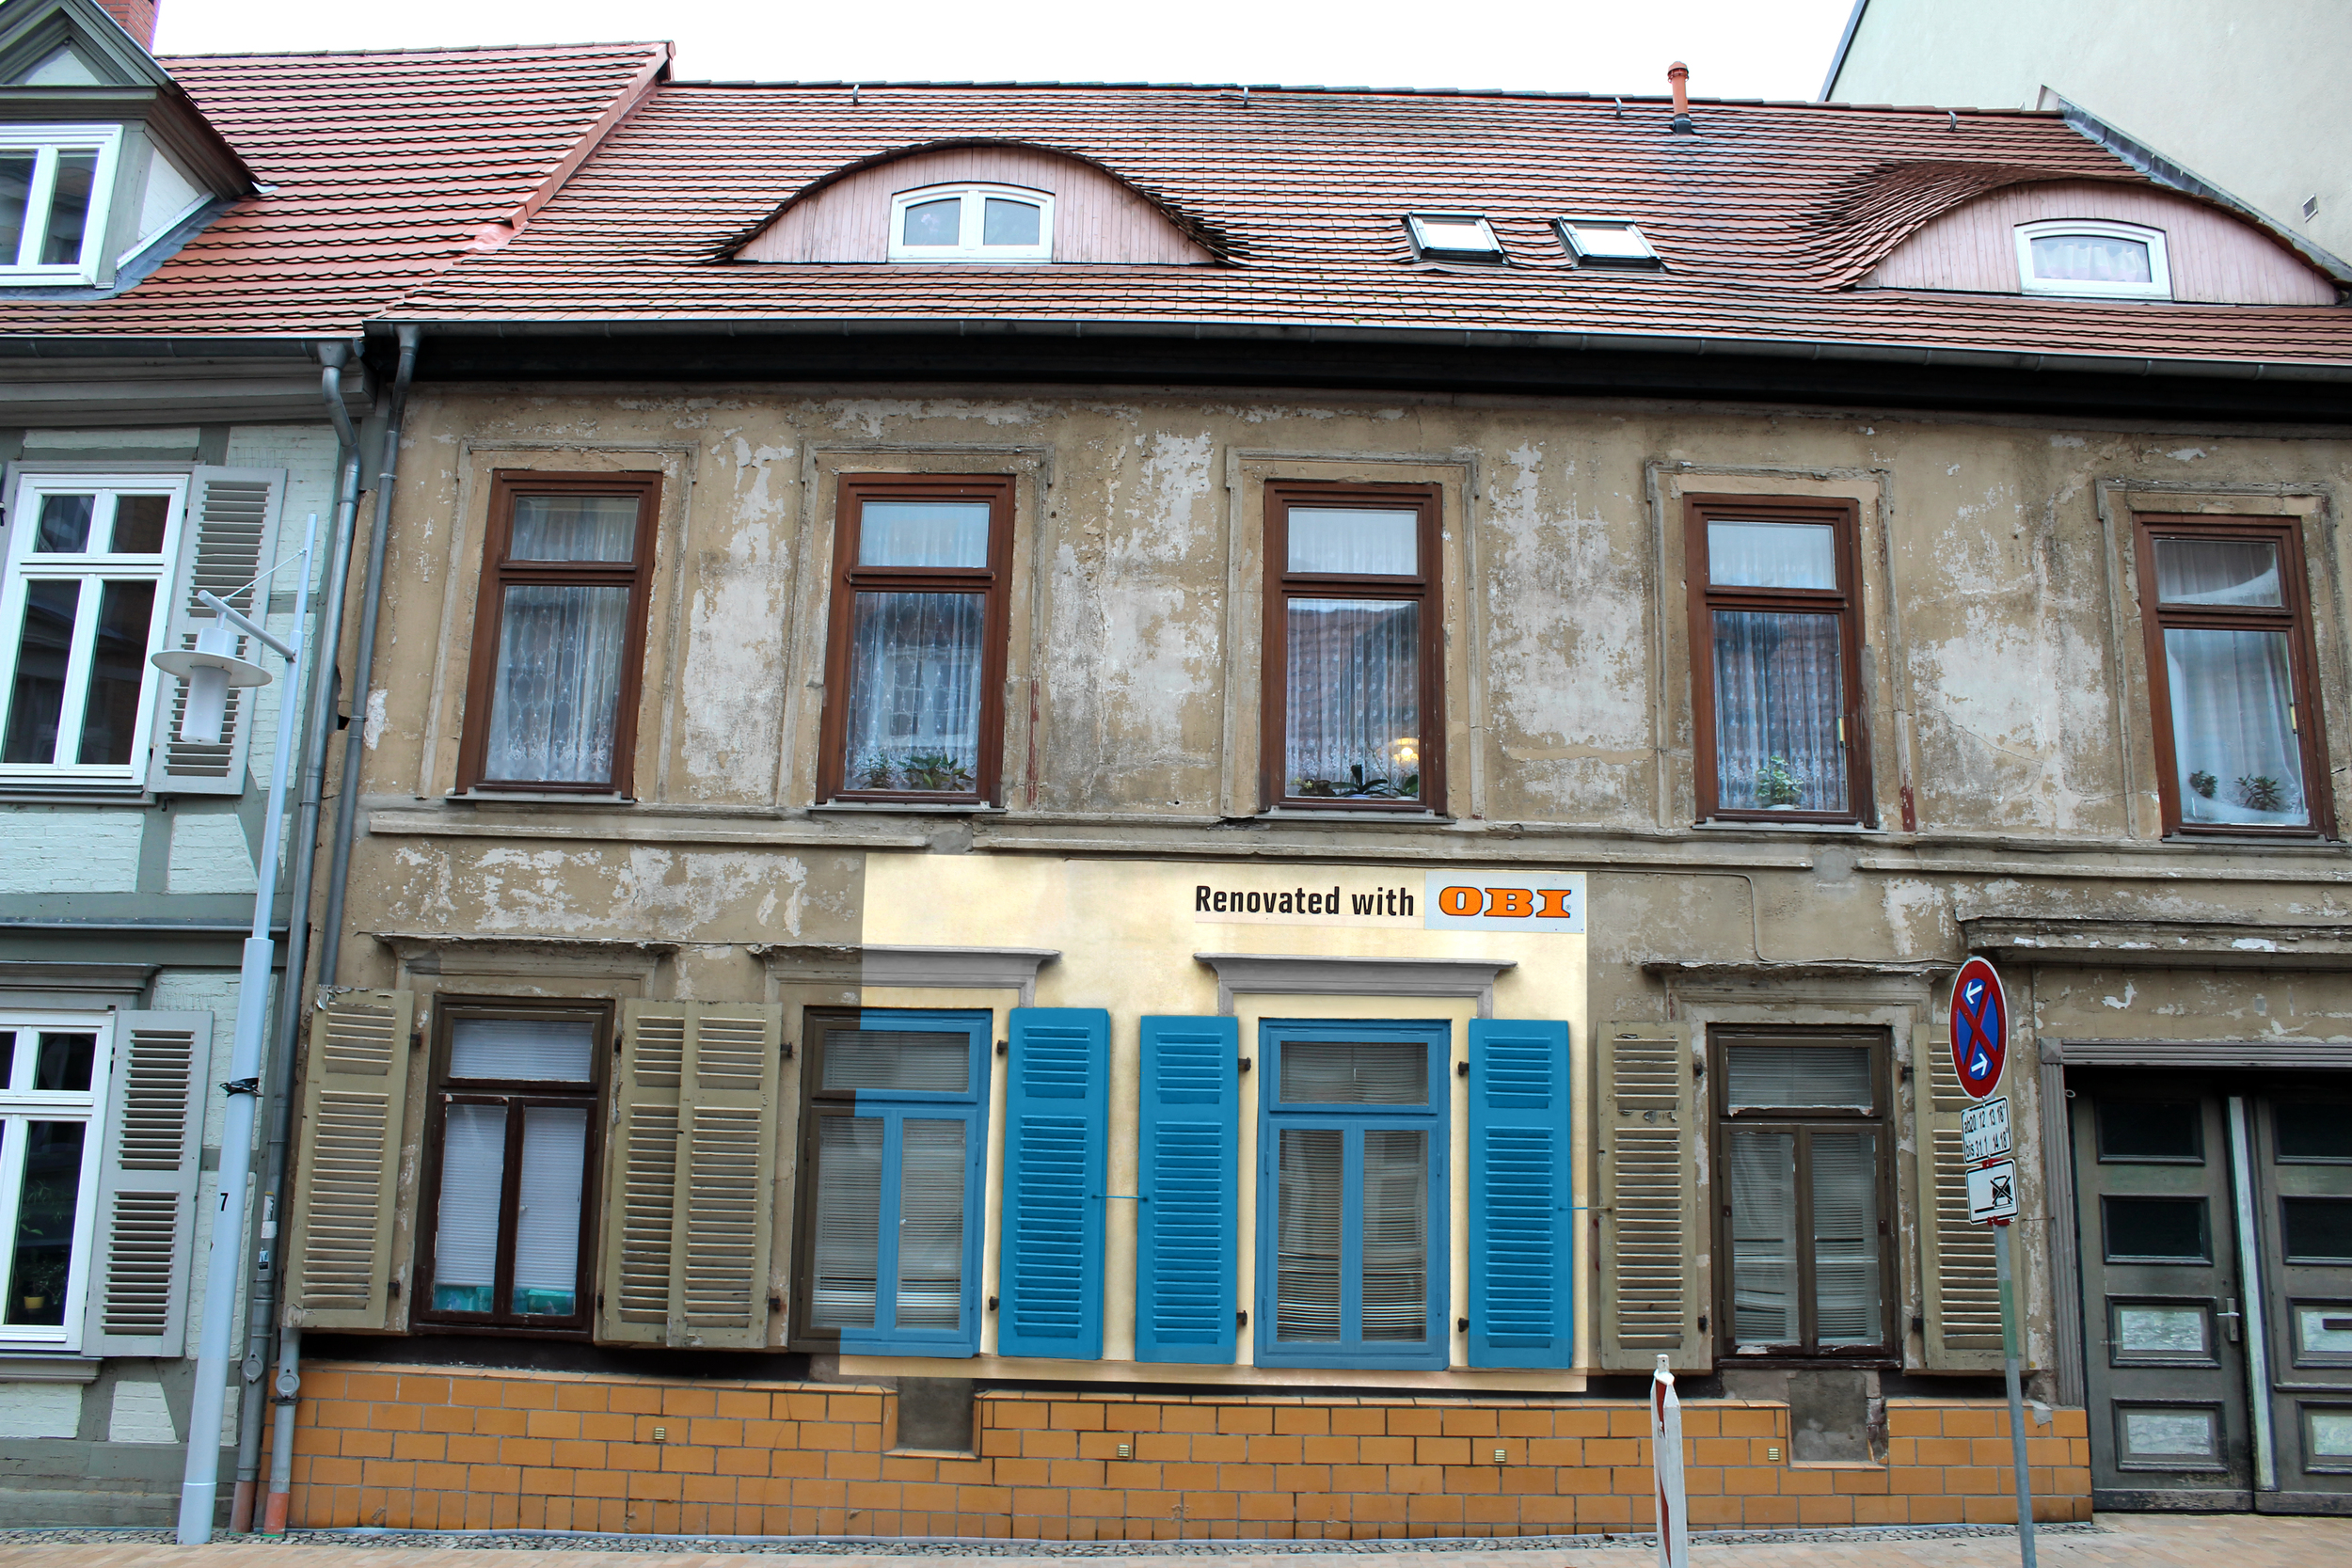 ENGL_OBI_Haus_08_fensterläden_gelb.jpg